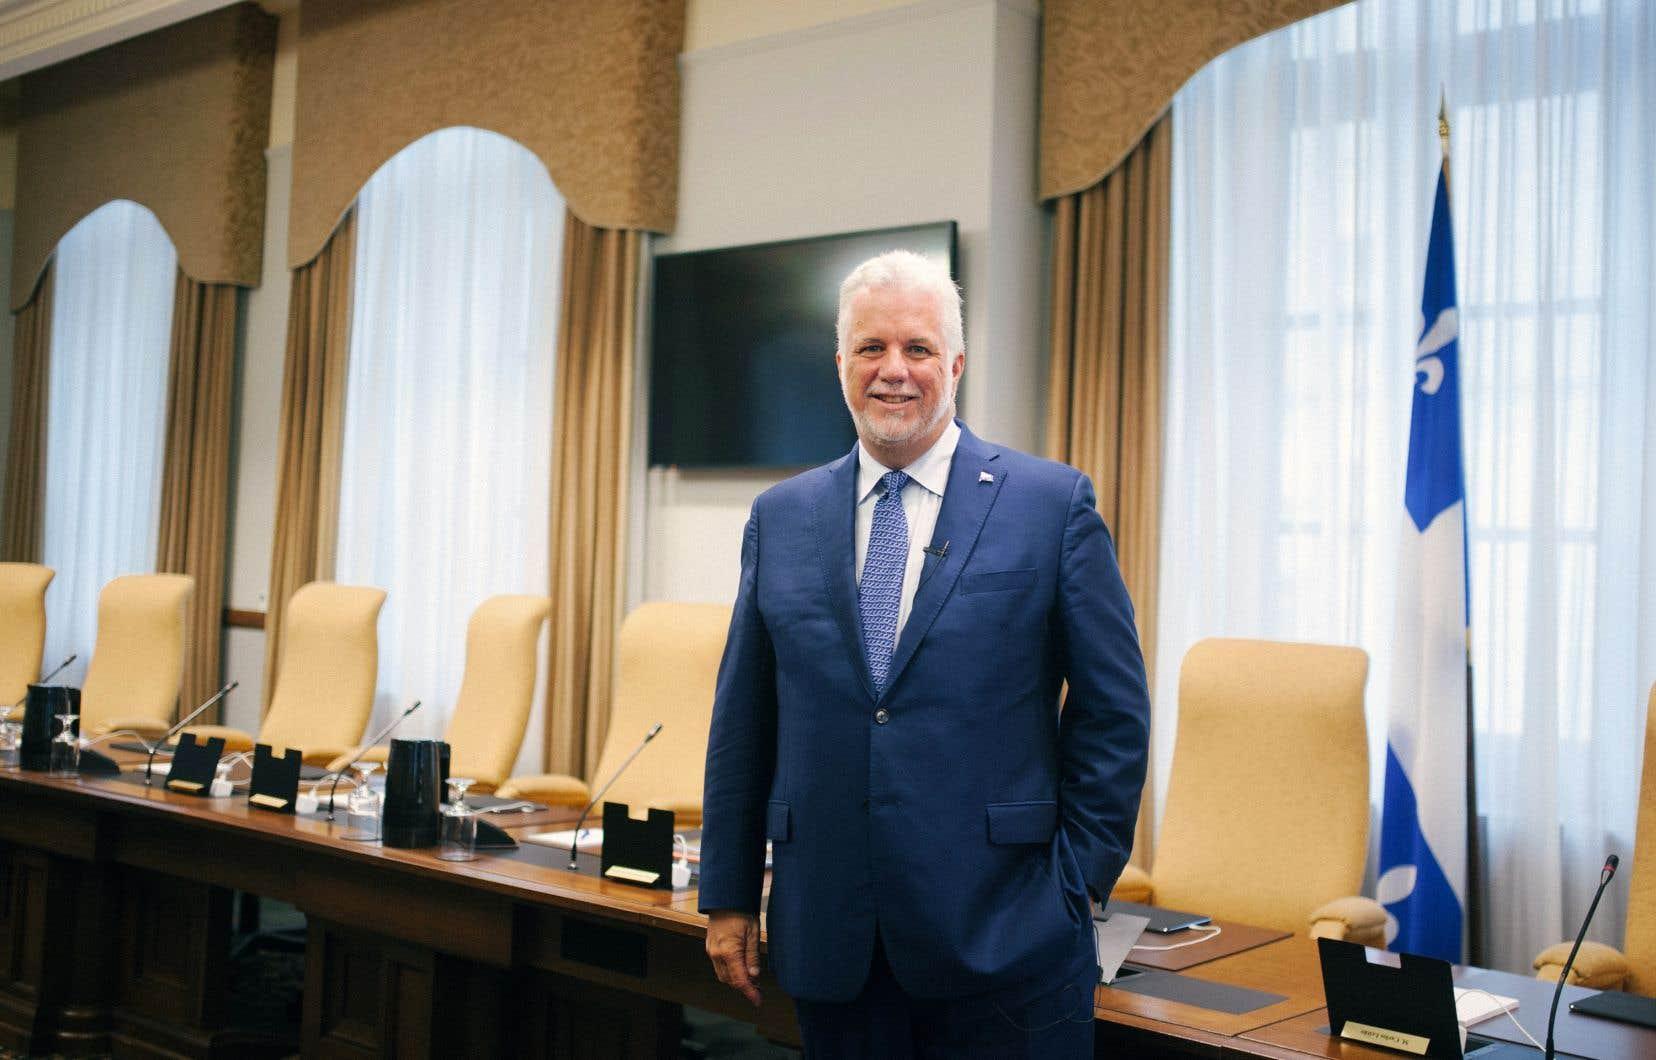 L'ex-premier ministre Philippe Couillard alors qu'il était en fonction, dans son bureau de l'édifice Honoré-Mercier en août dernier